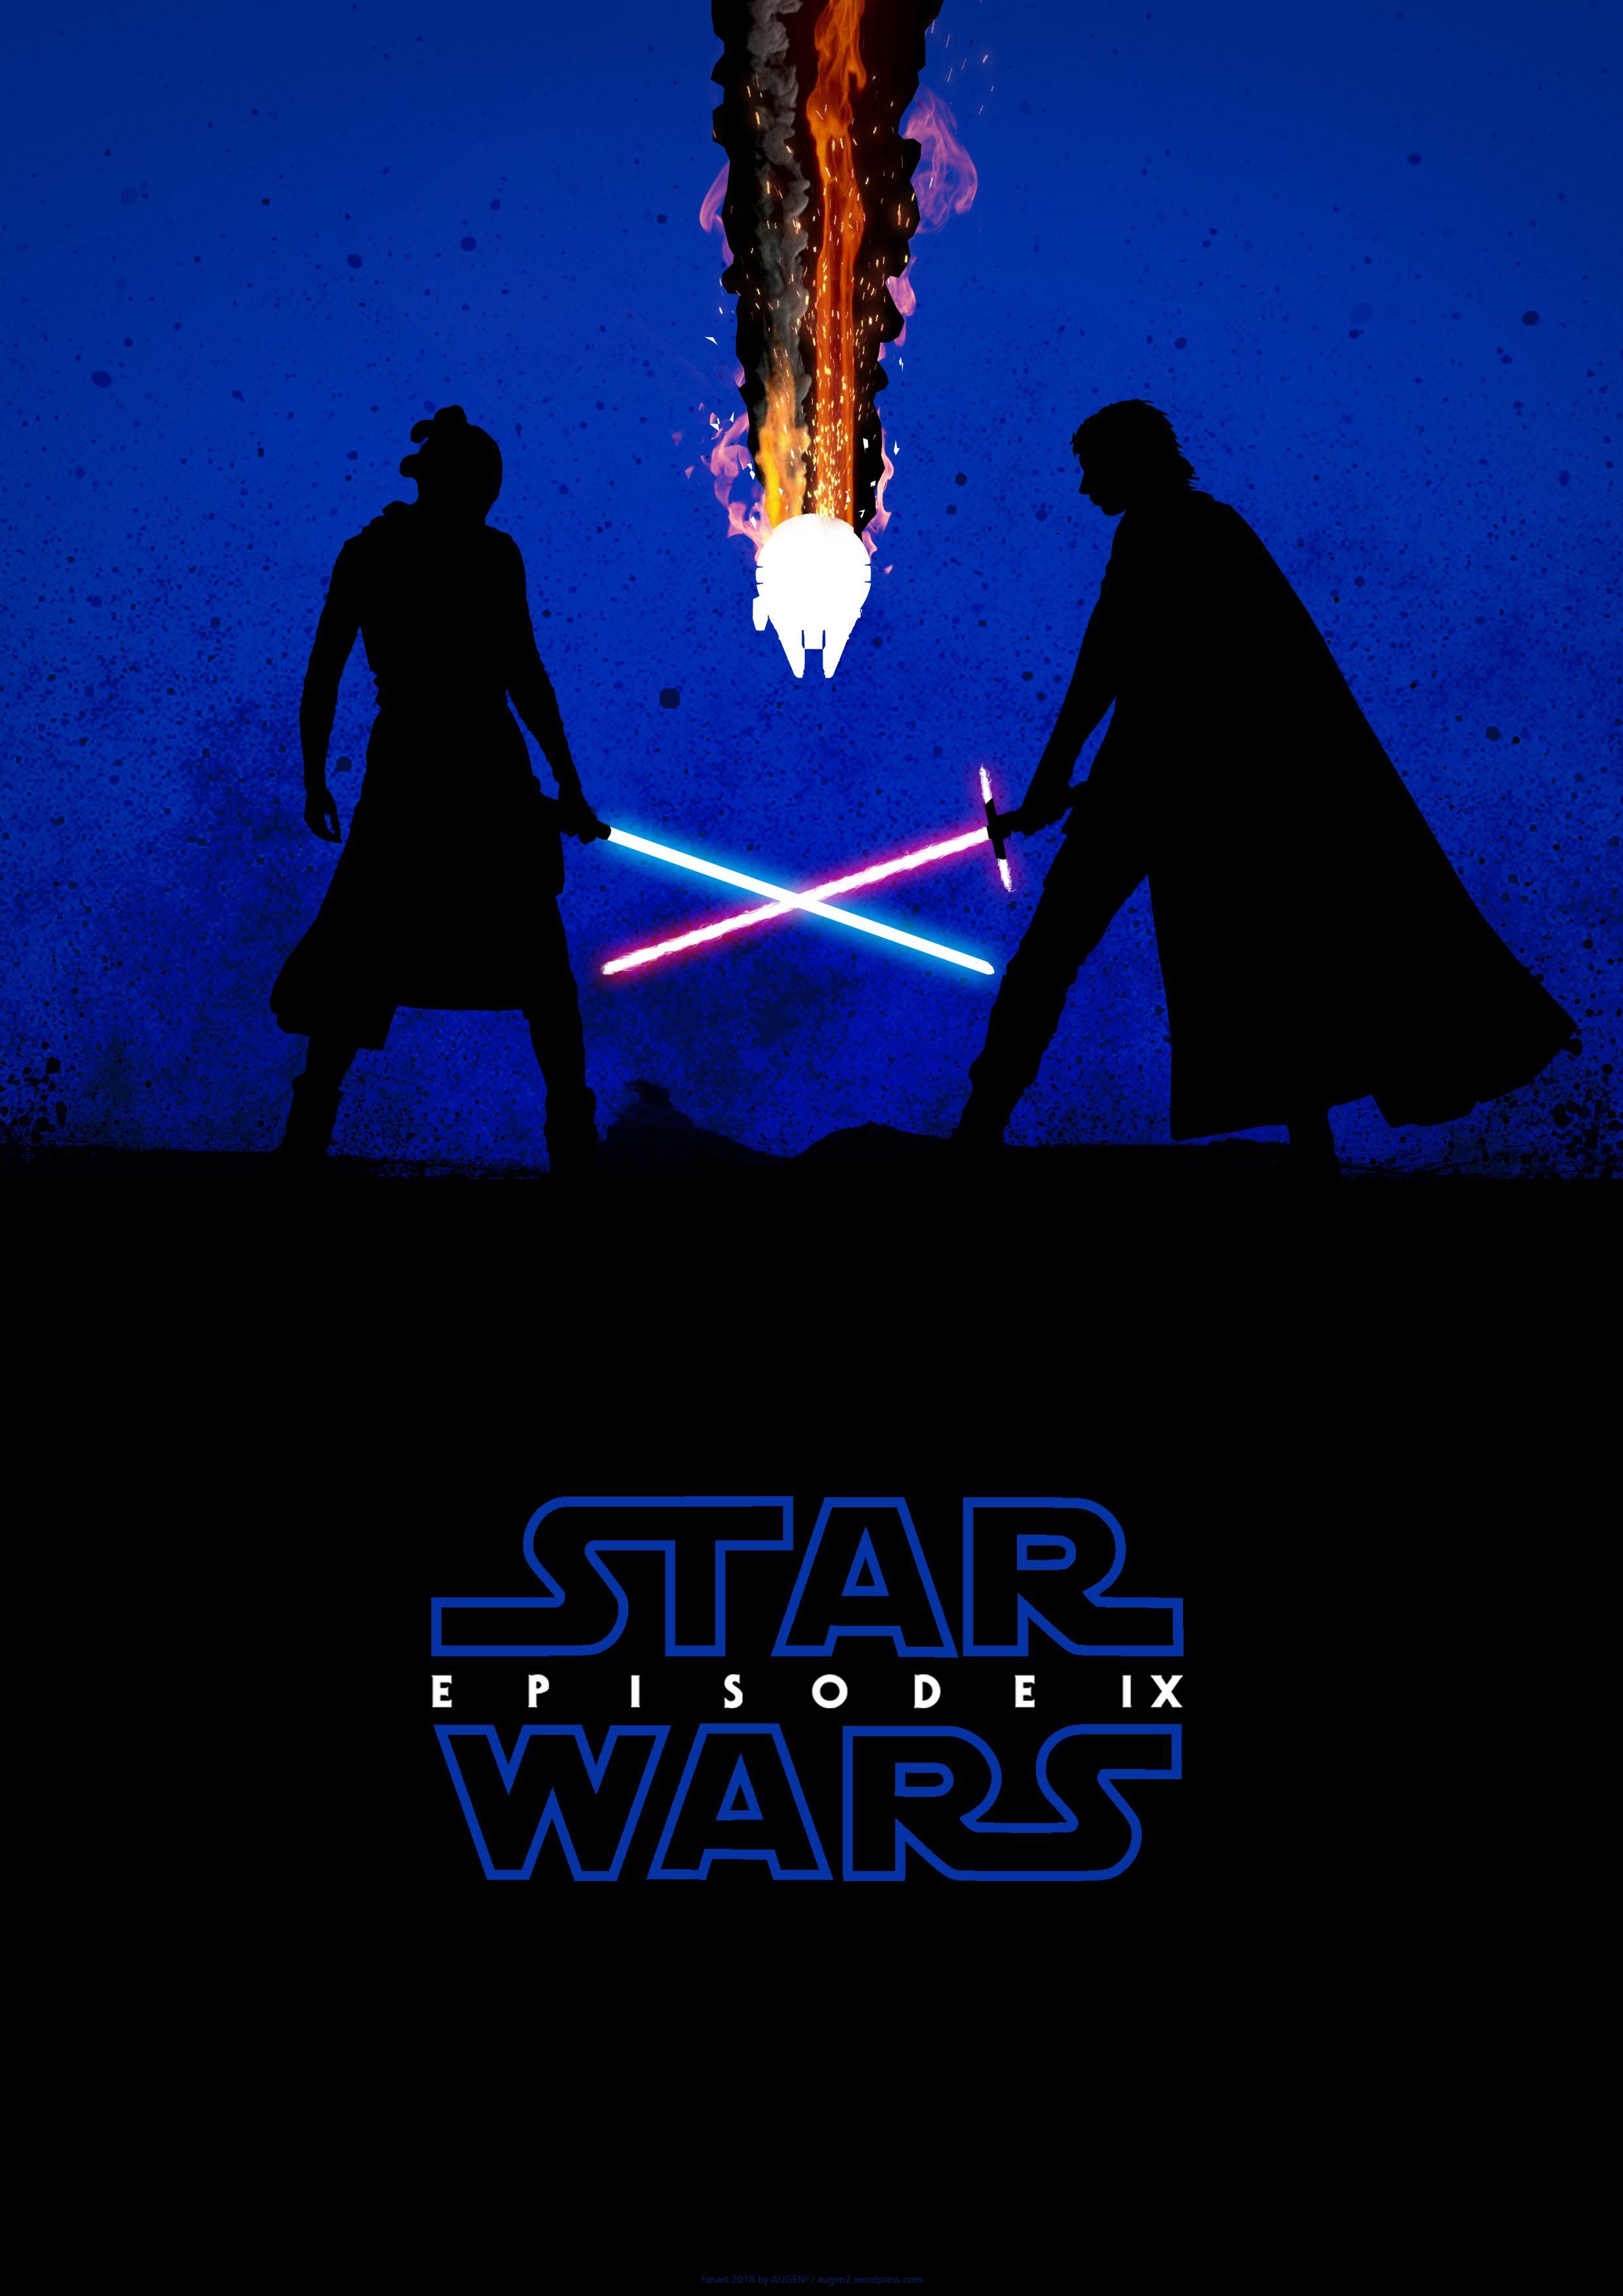 Star Wars: Episode 9 Fanart Movieposter | Star Wars 9 ... - photo#14